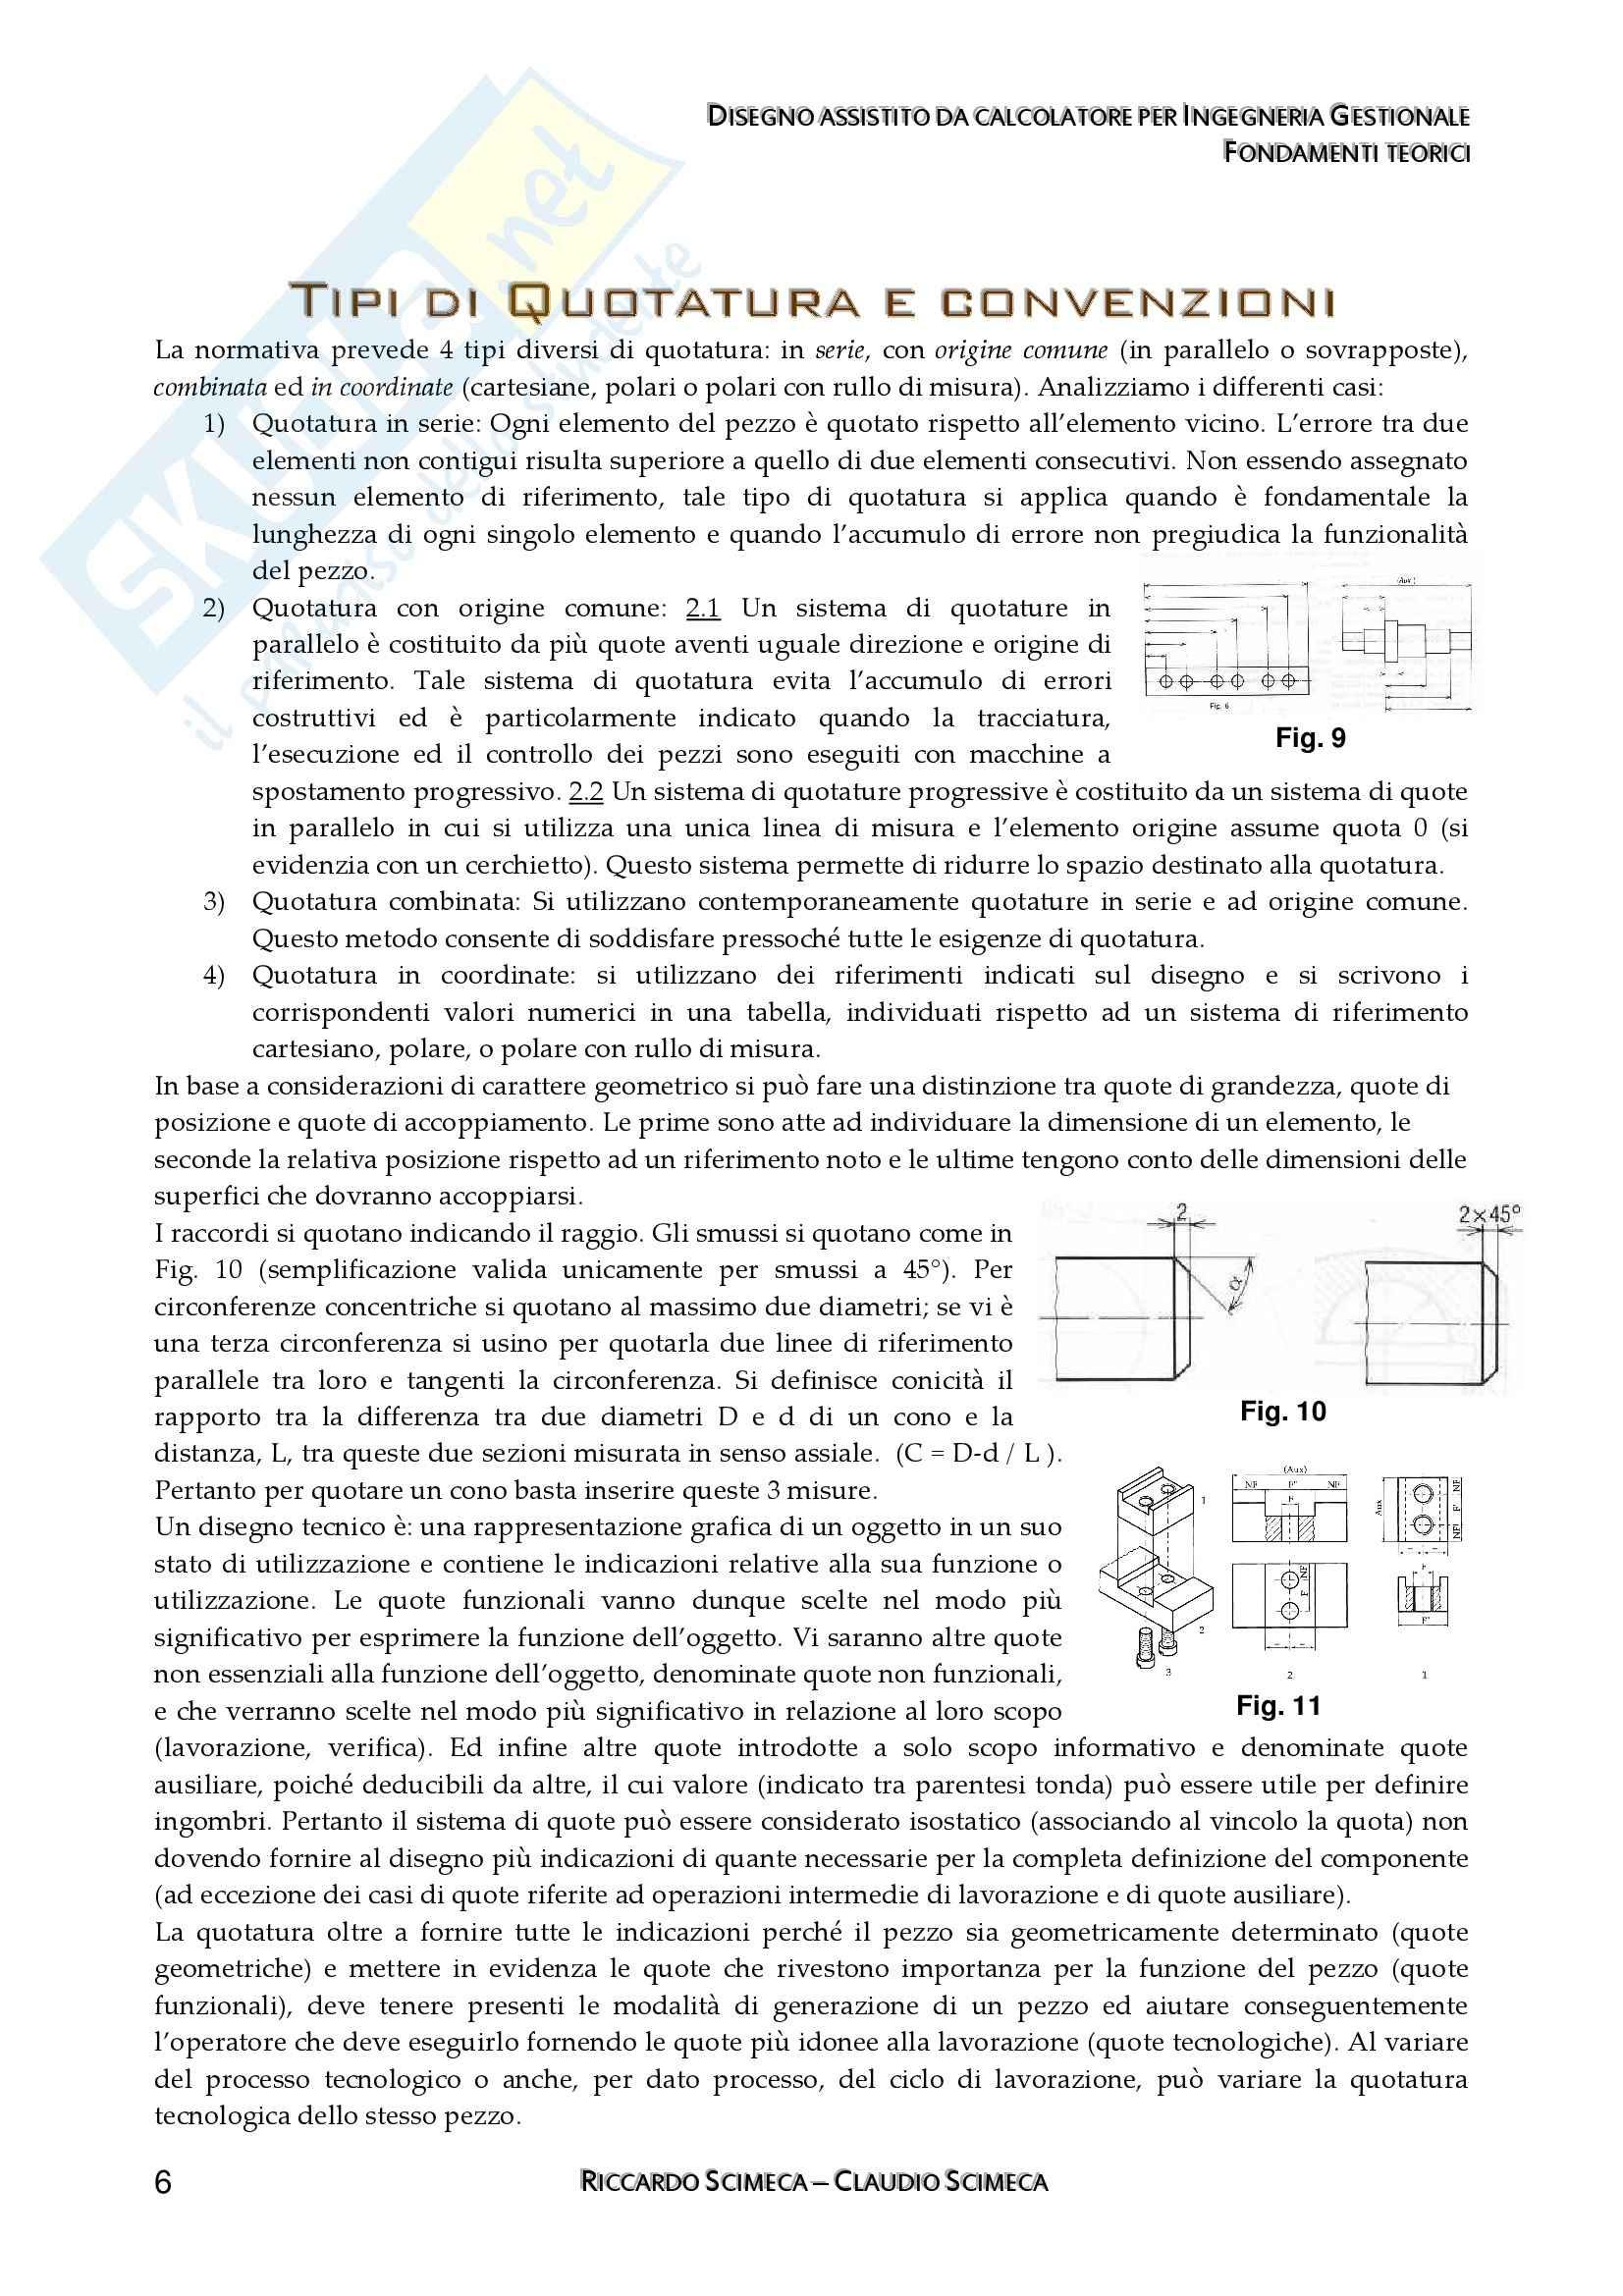 Disegno assistito da calcolatore - Appunti Pag. 6